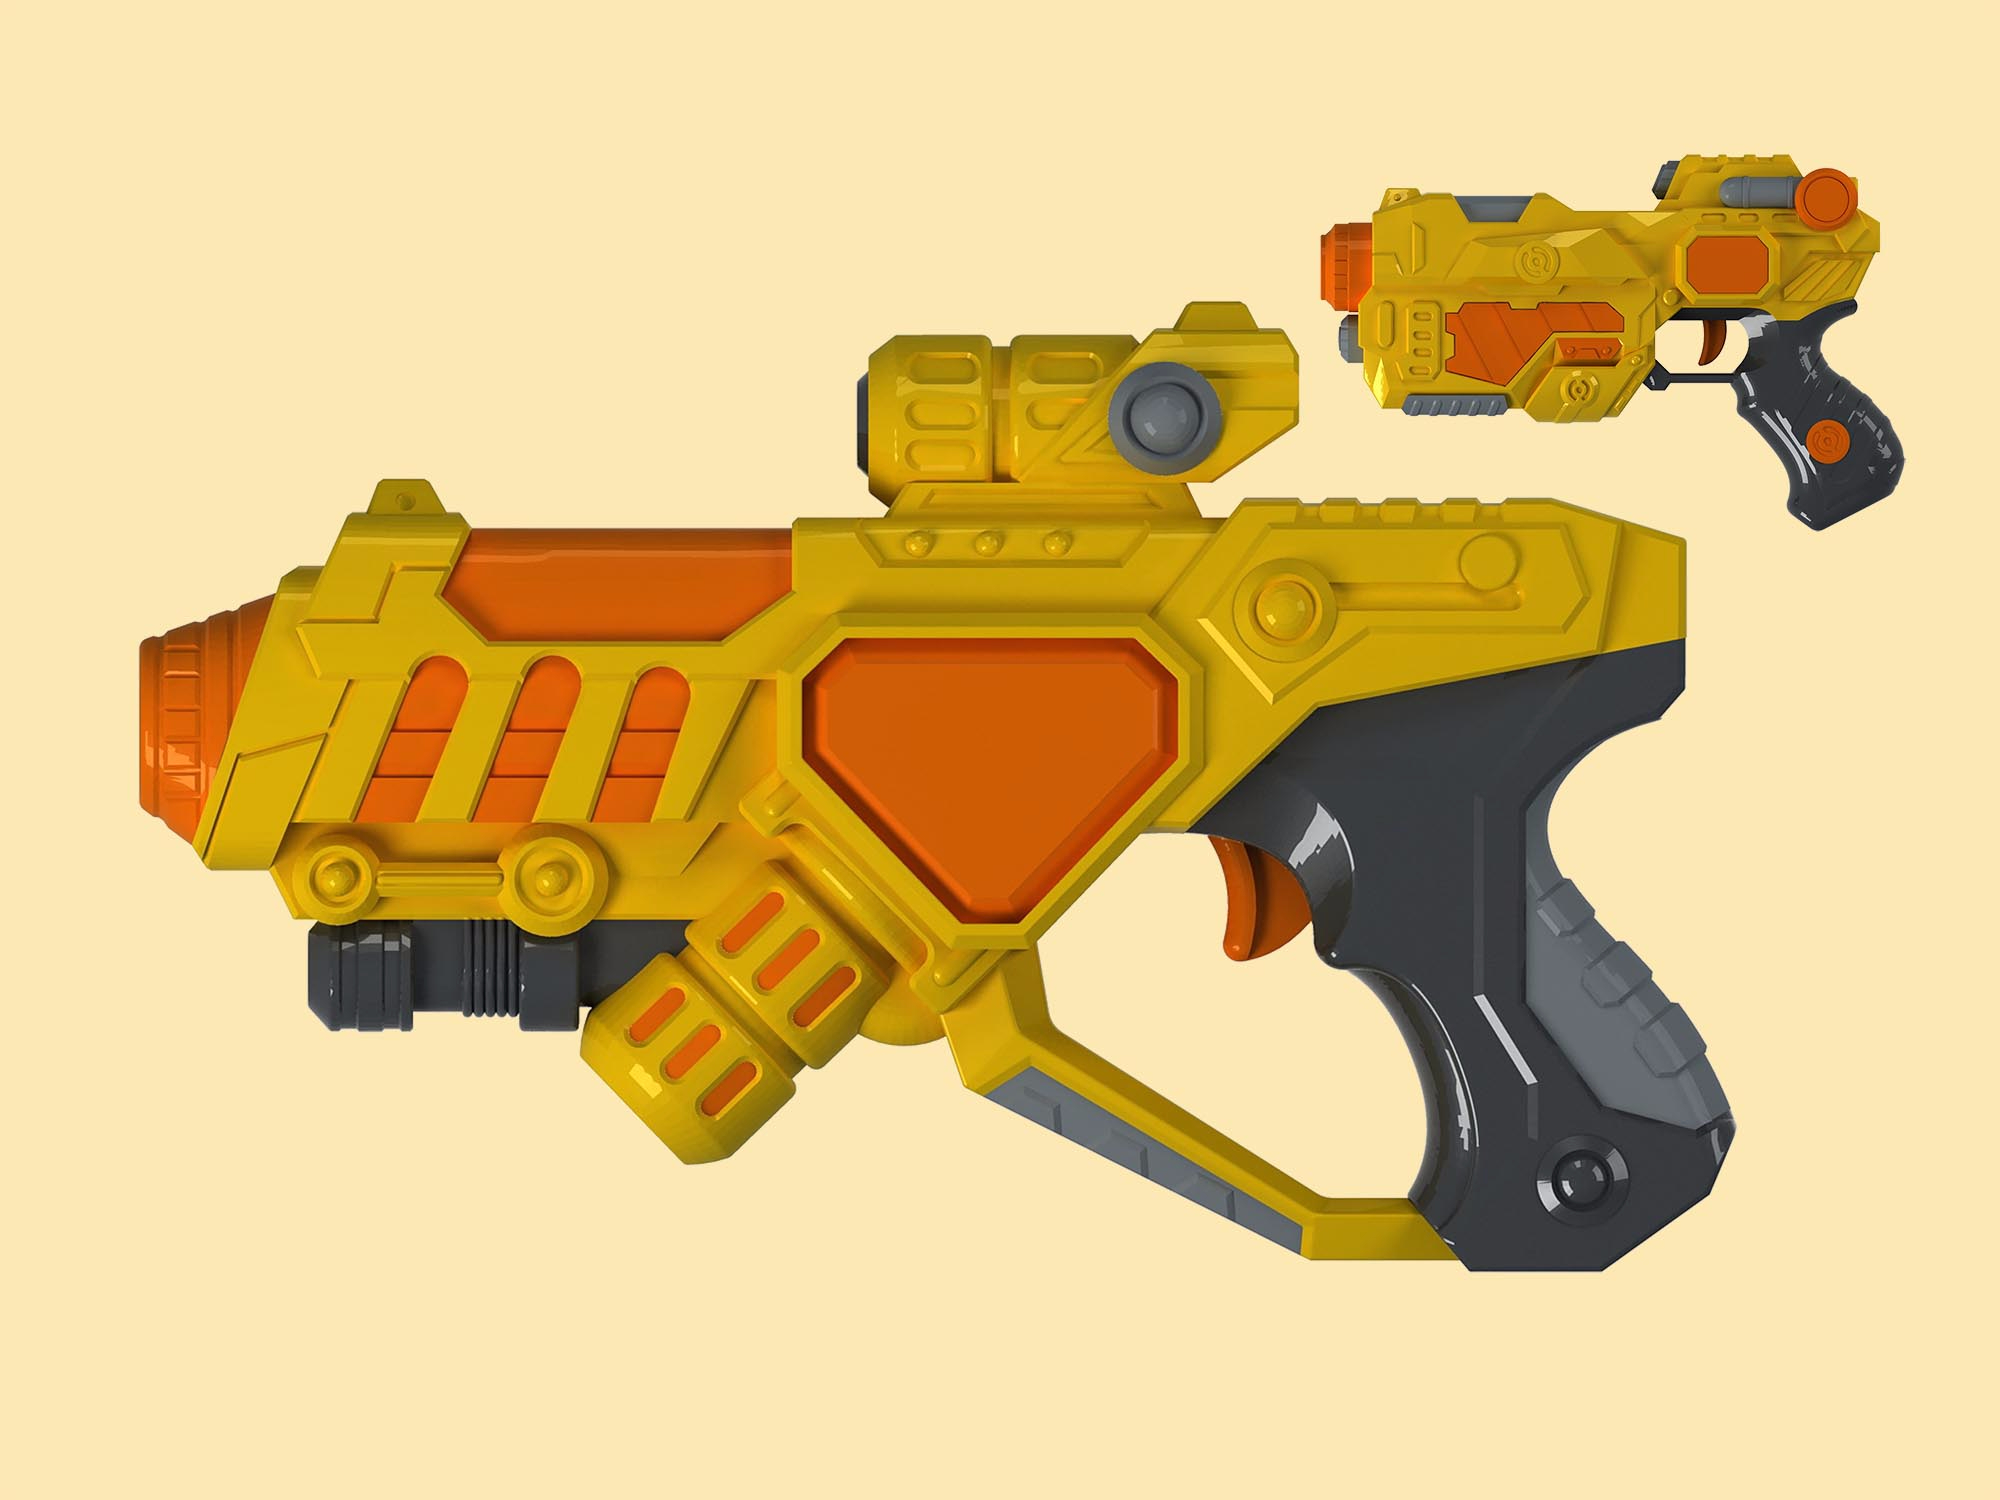 软弹射击竞技玩具设计